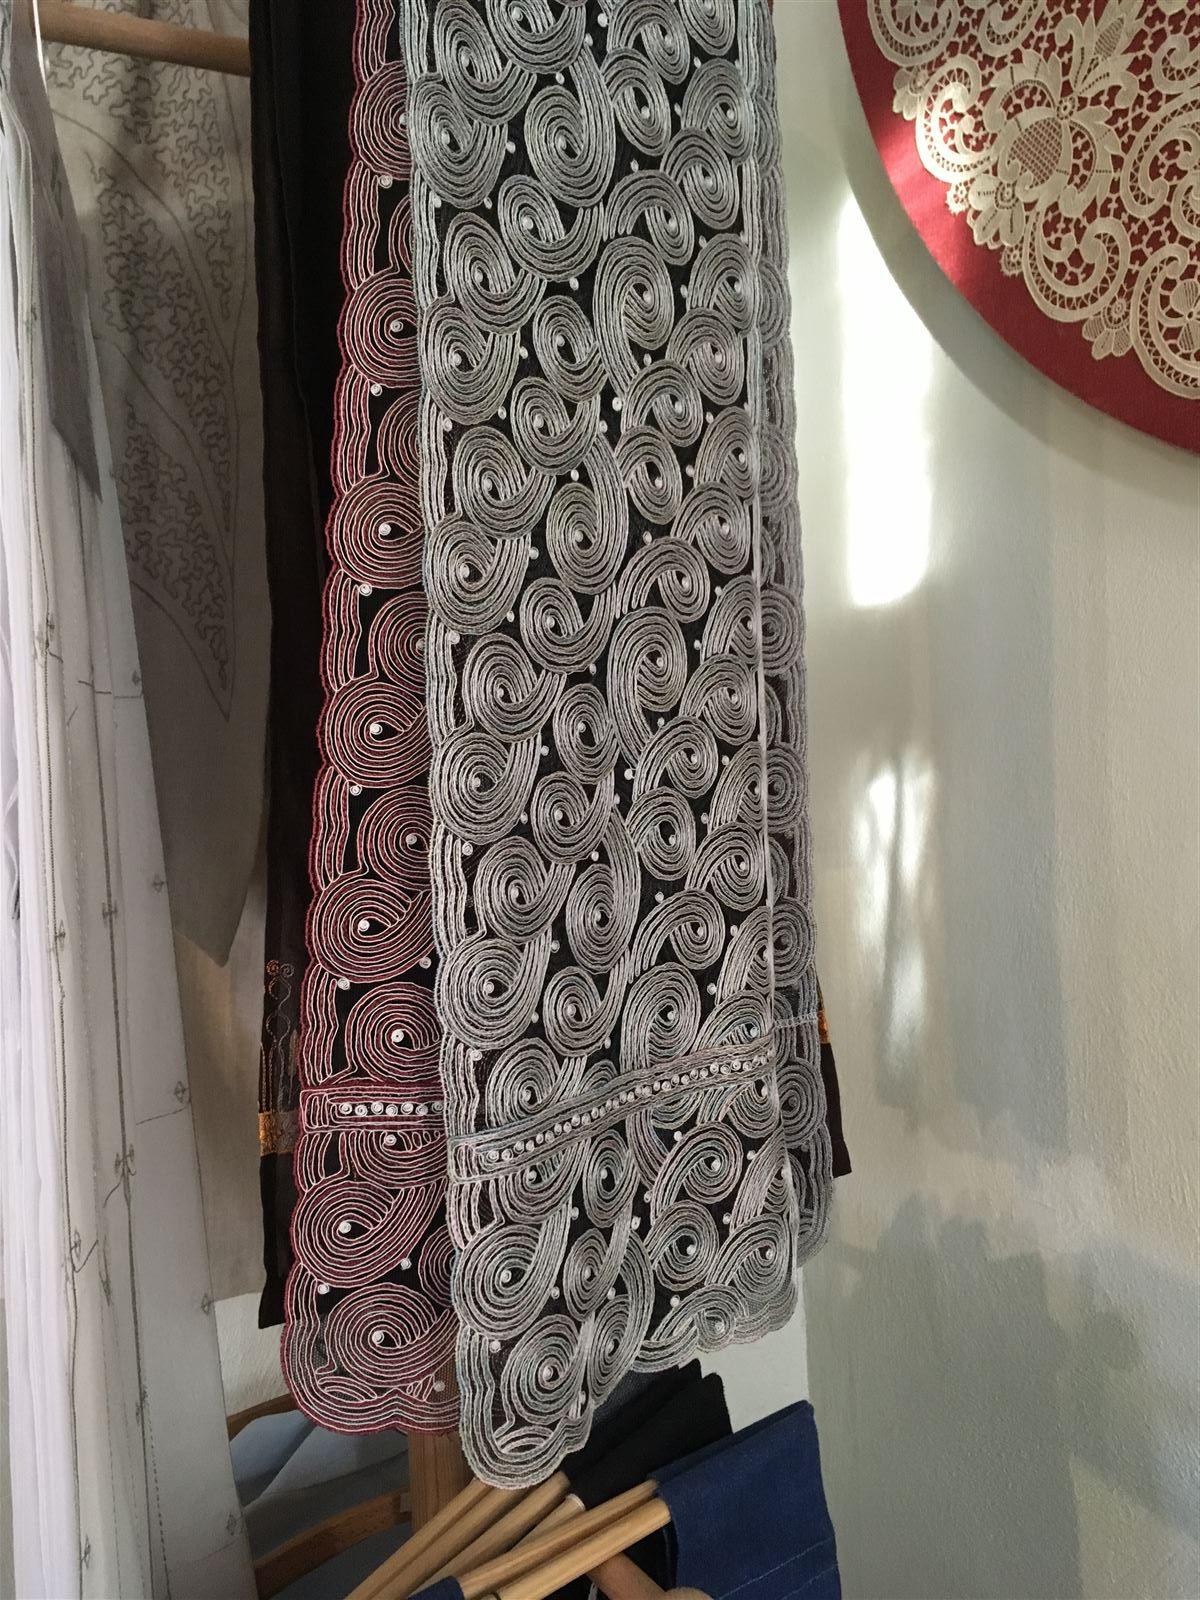 Schaustickerei - Schal mit einer für die 30er Jahren typischen Schnürlistickerei